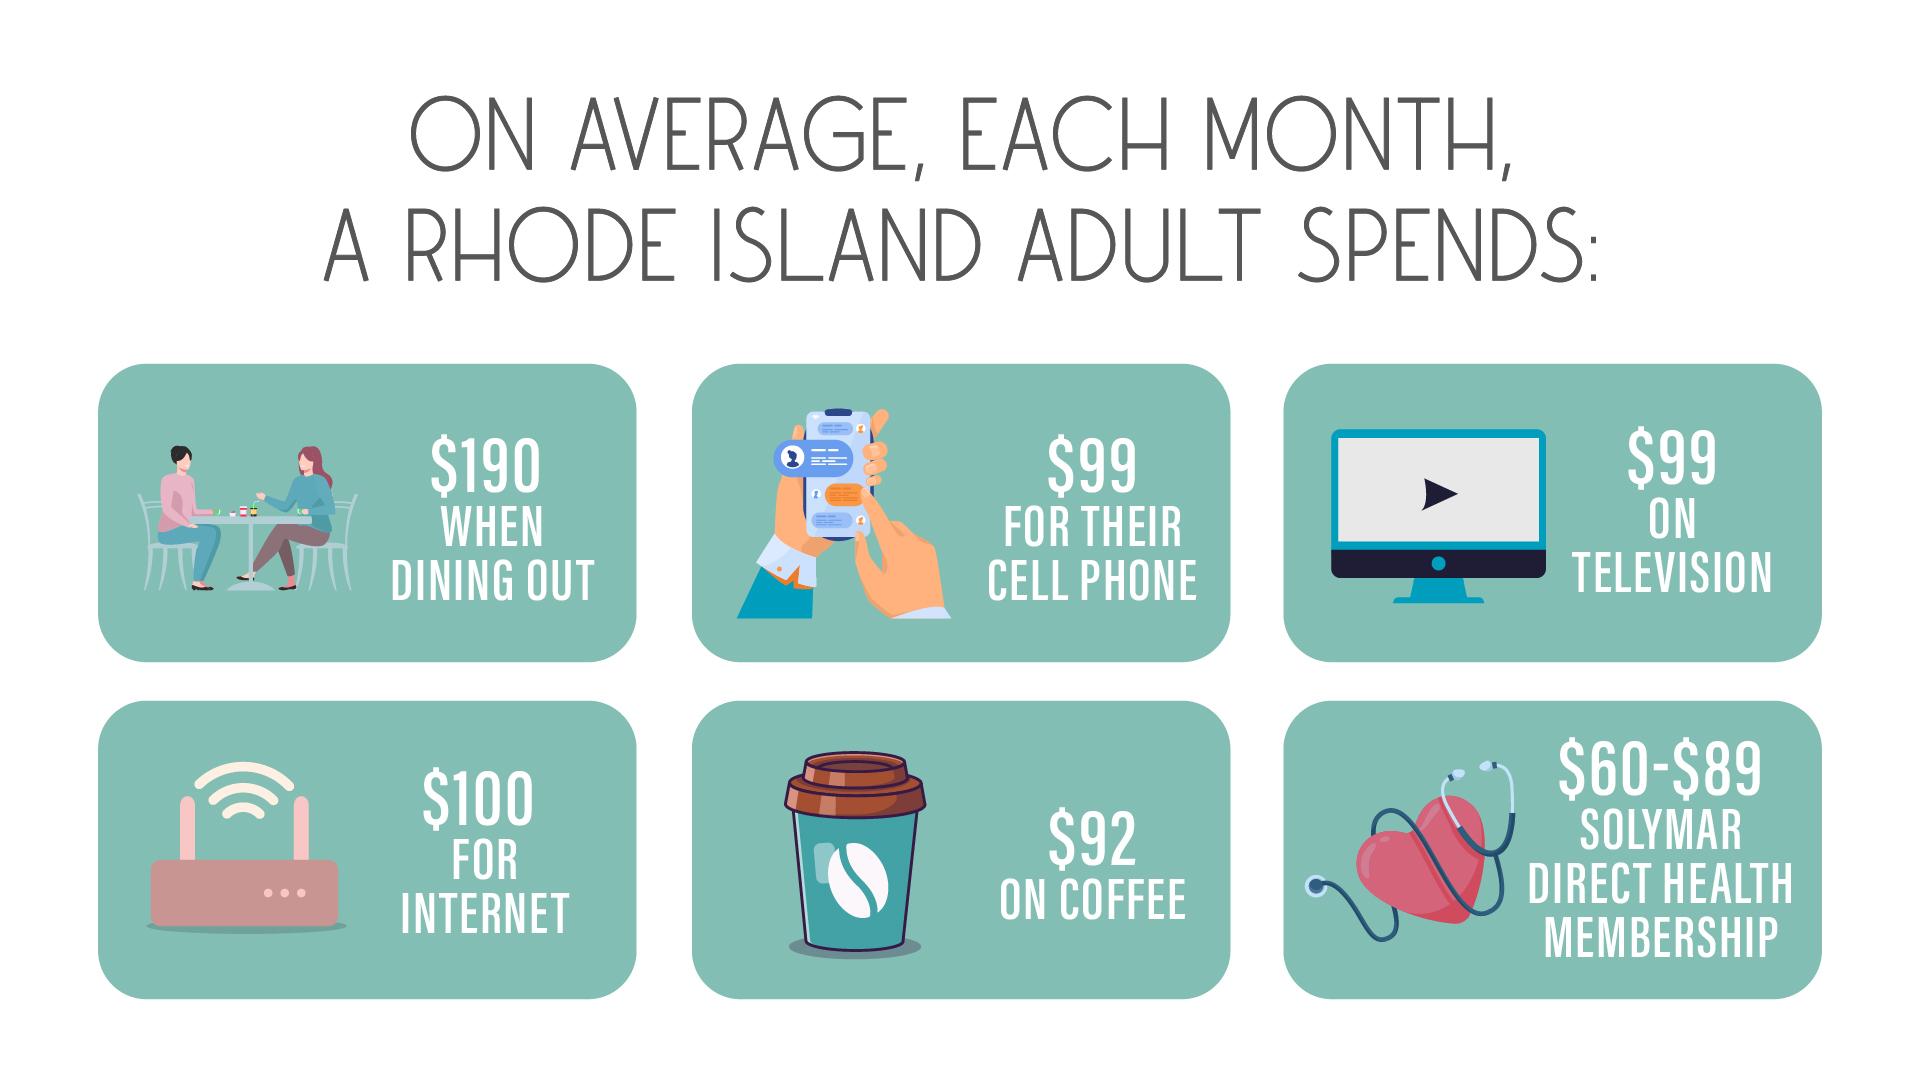 Solymar Infographic Spending - v3 72ppi_2